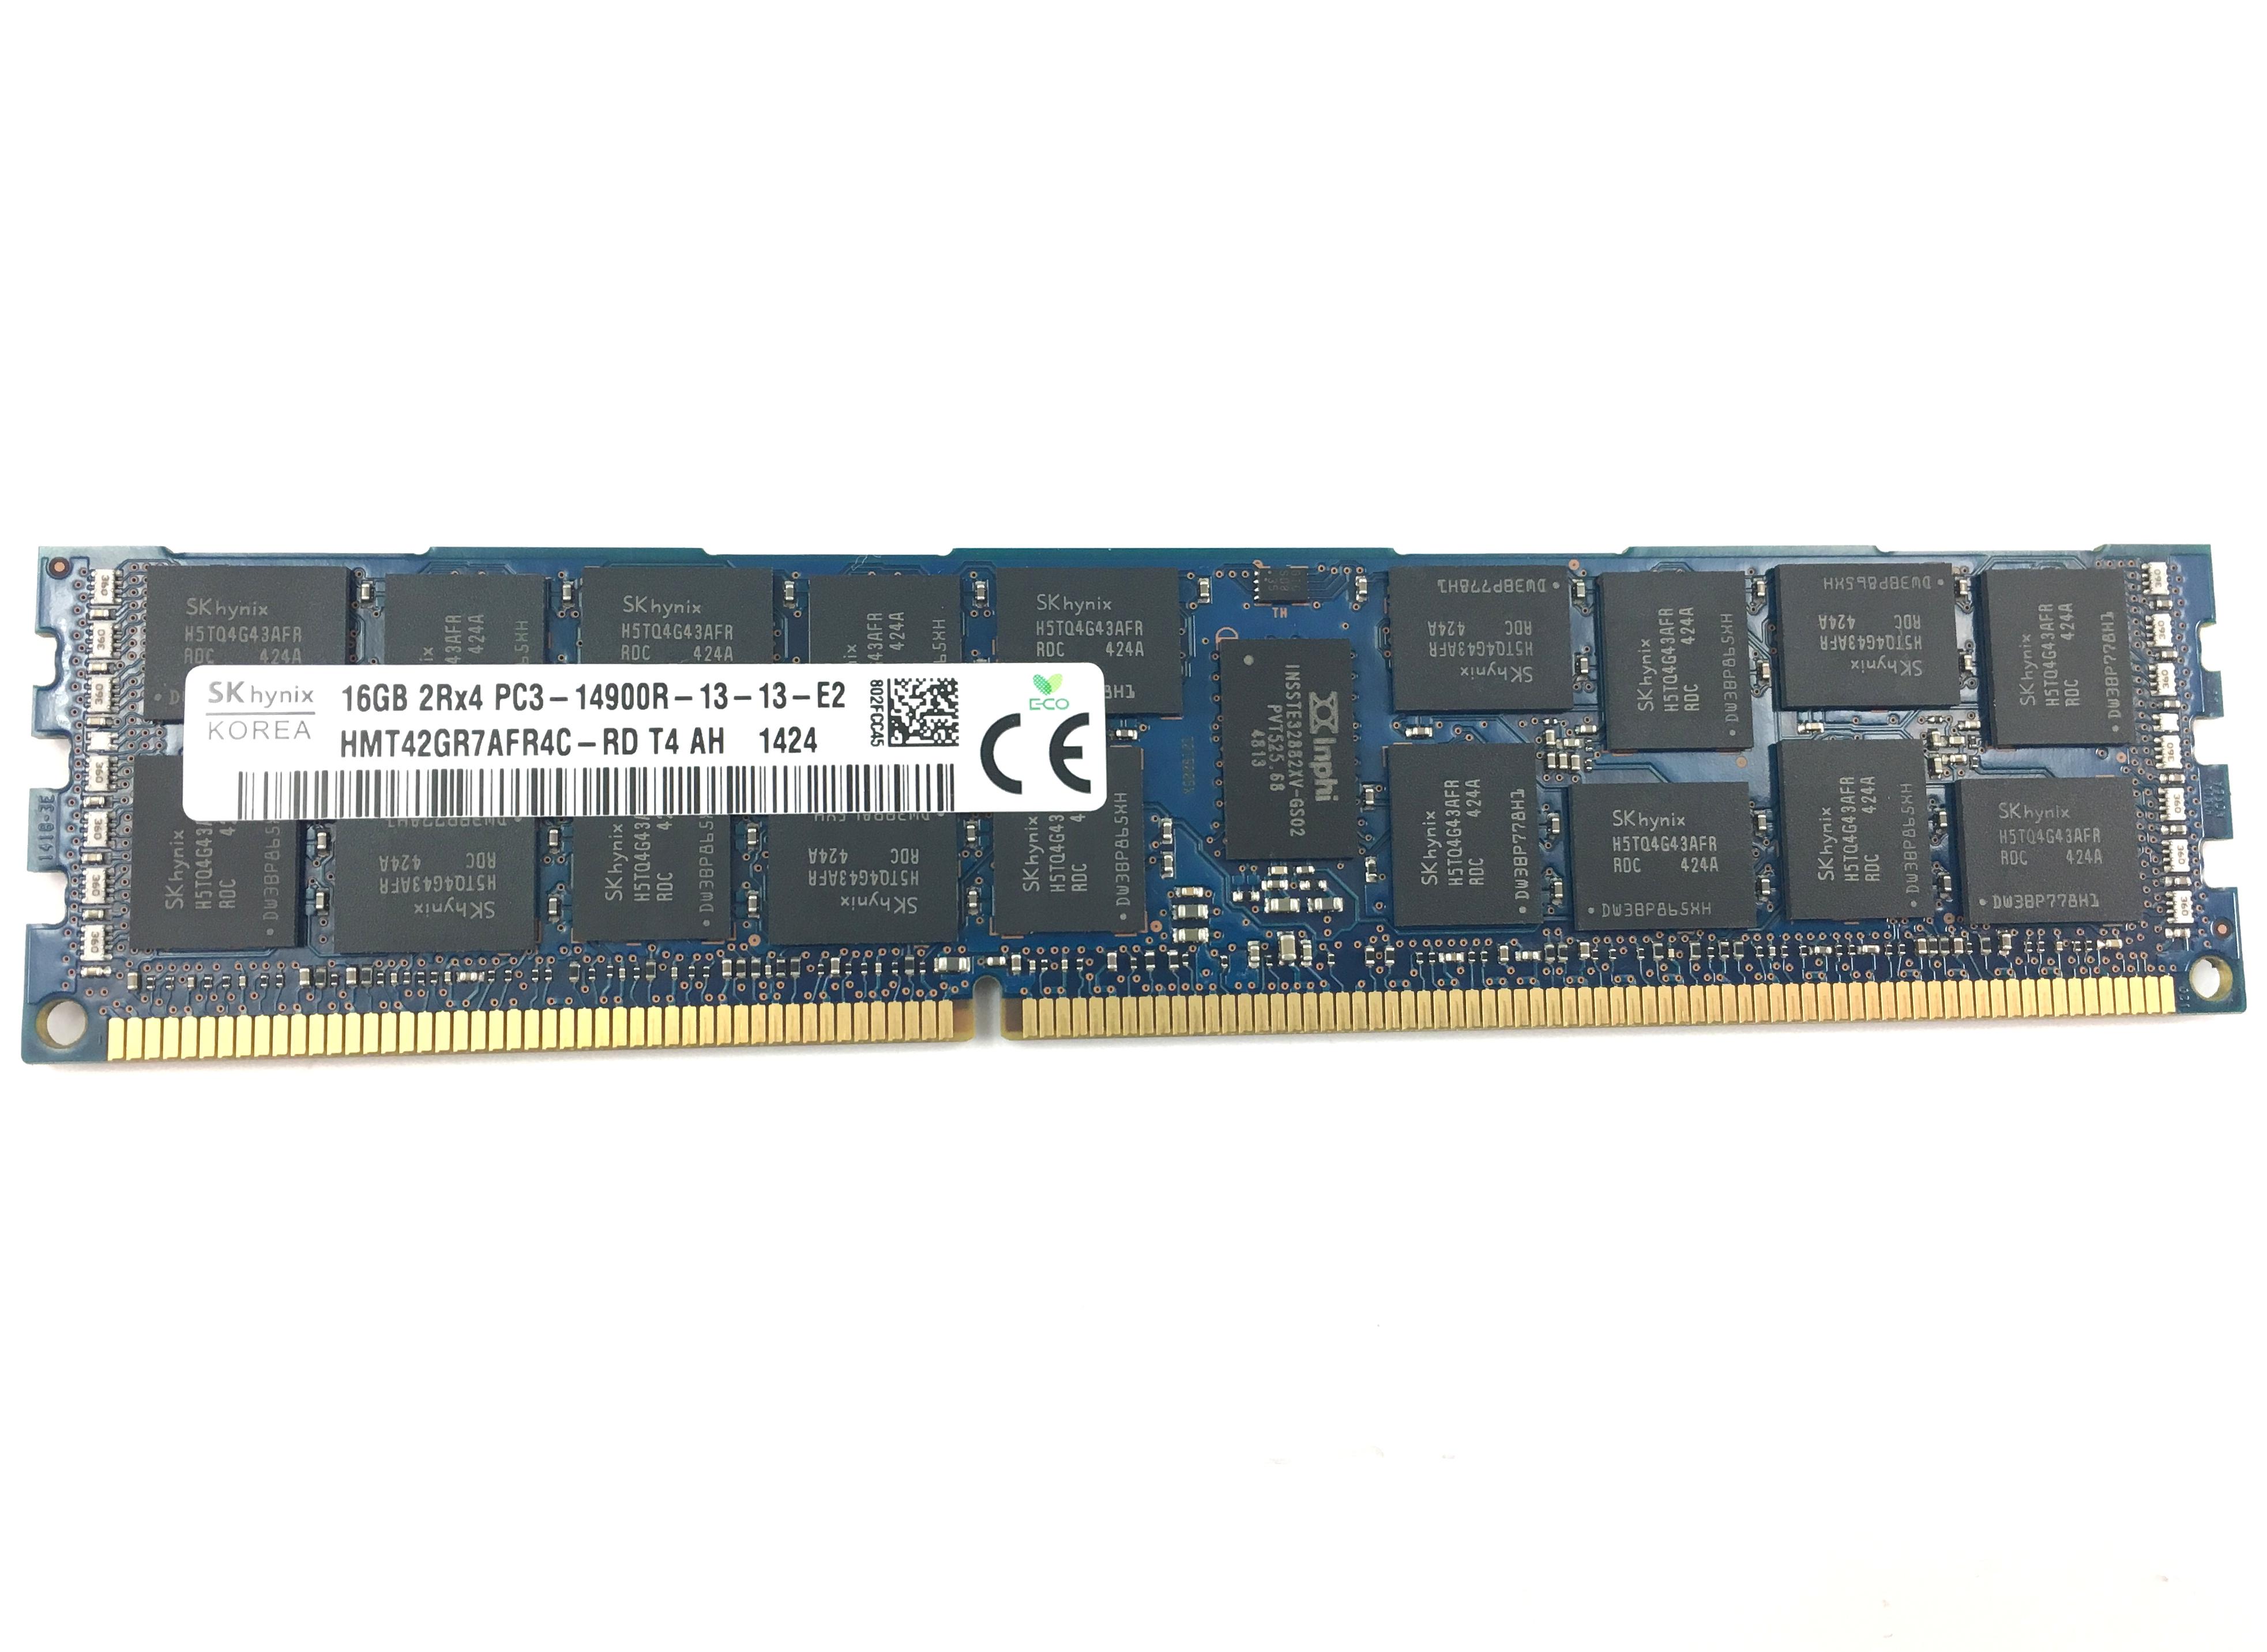 Hynix 16GB 2Rx4 PC3-14900R DDR3 1866MHZ ECC REG Memory (HMT42GR7AFR4C-RD)